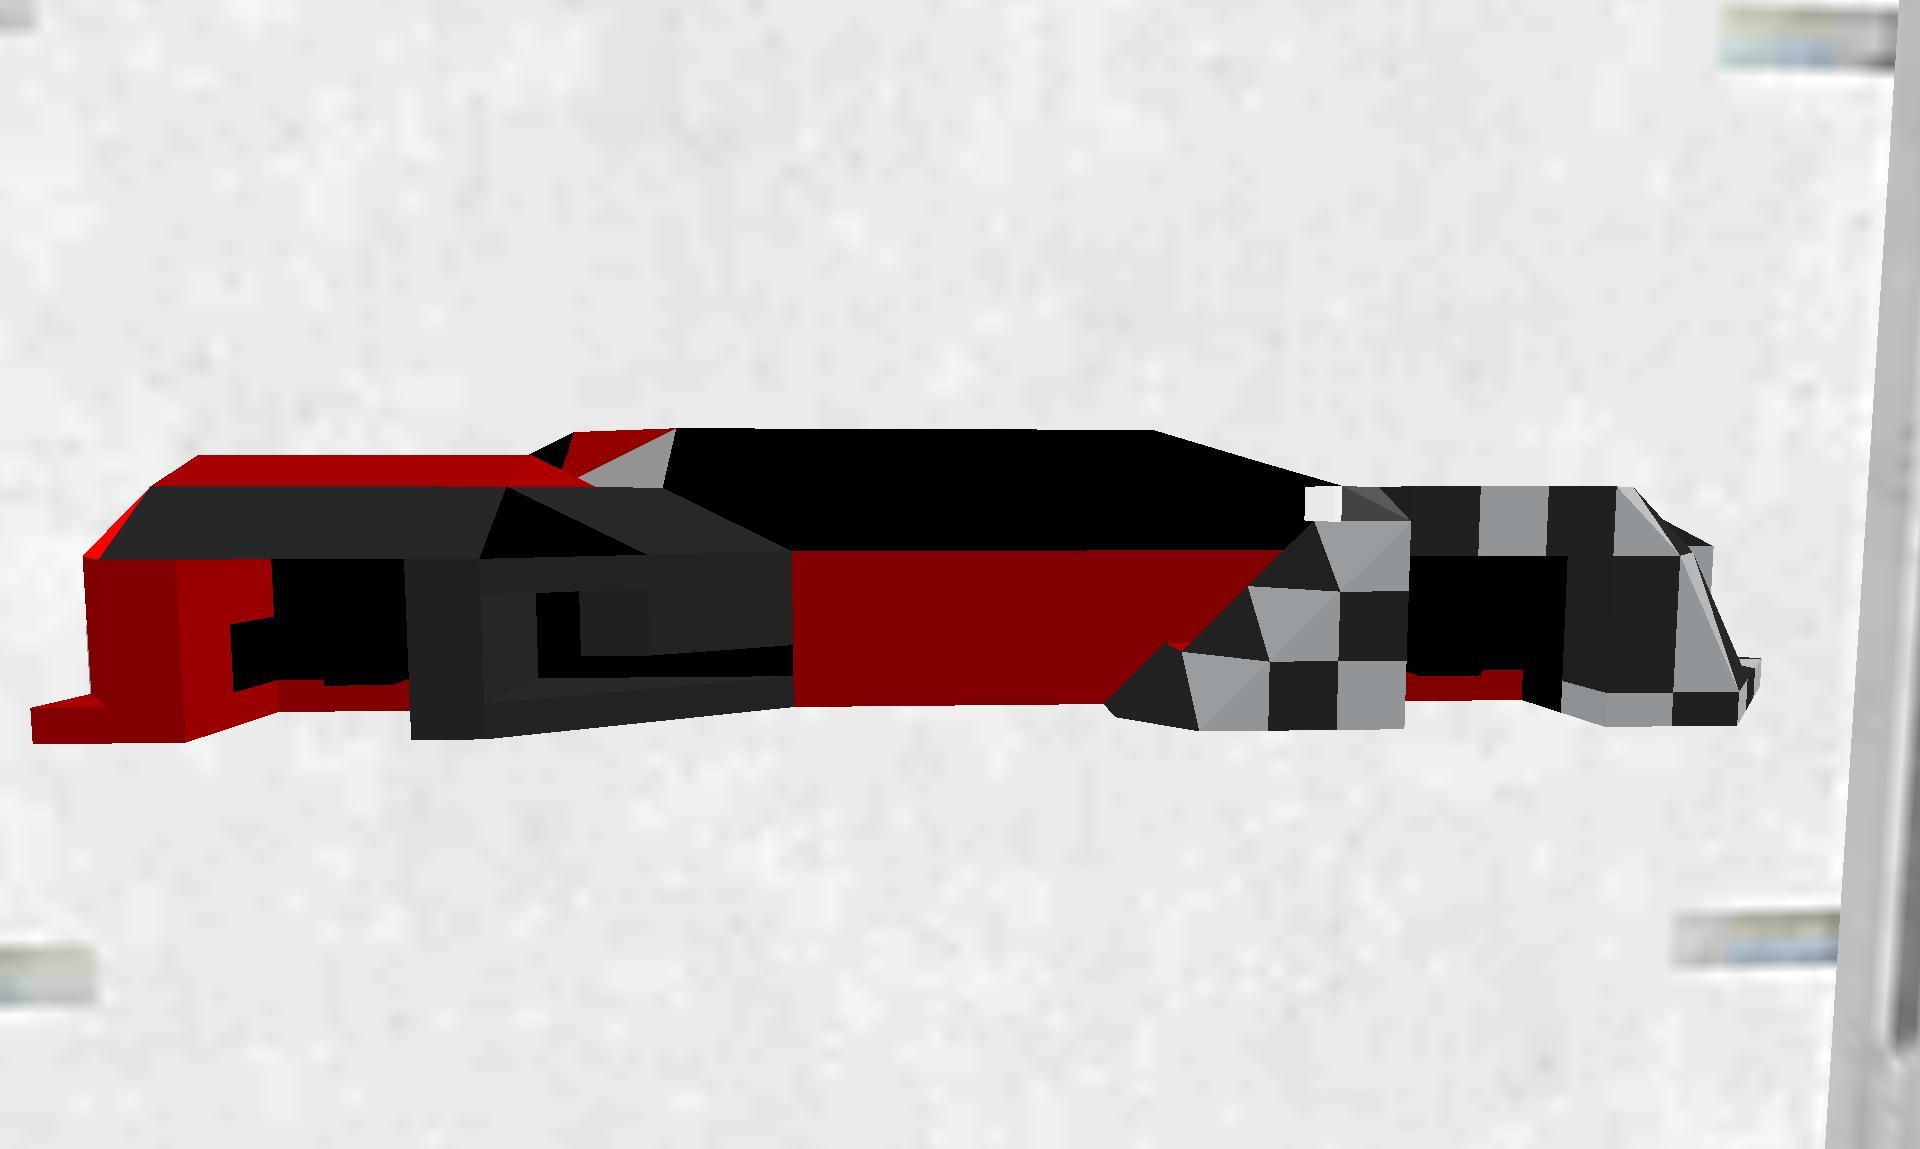 ALS-AVEL テストカー